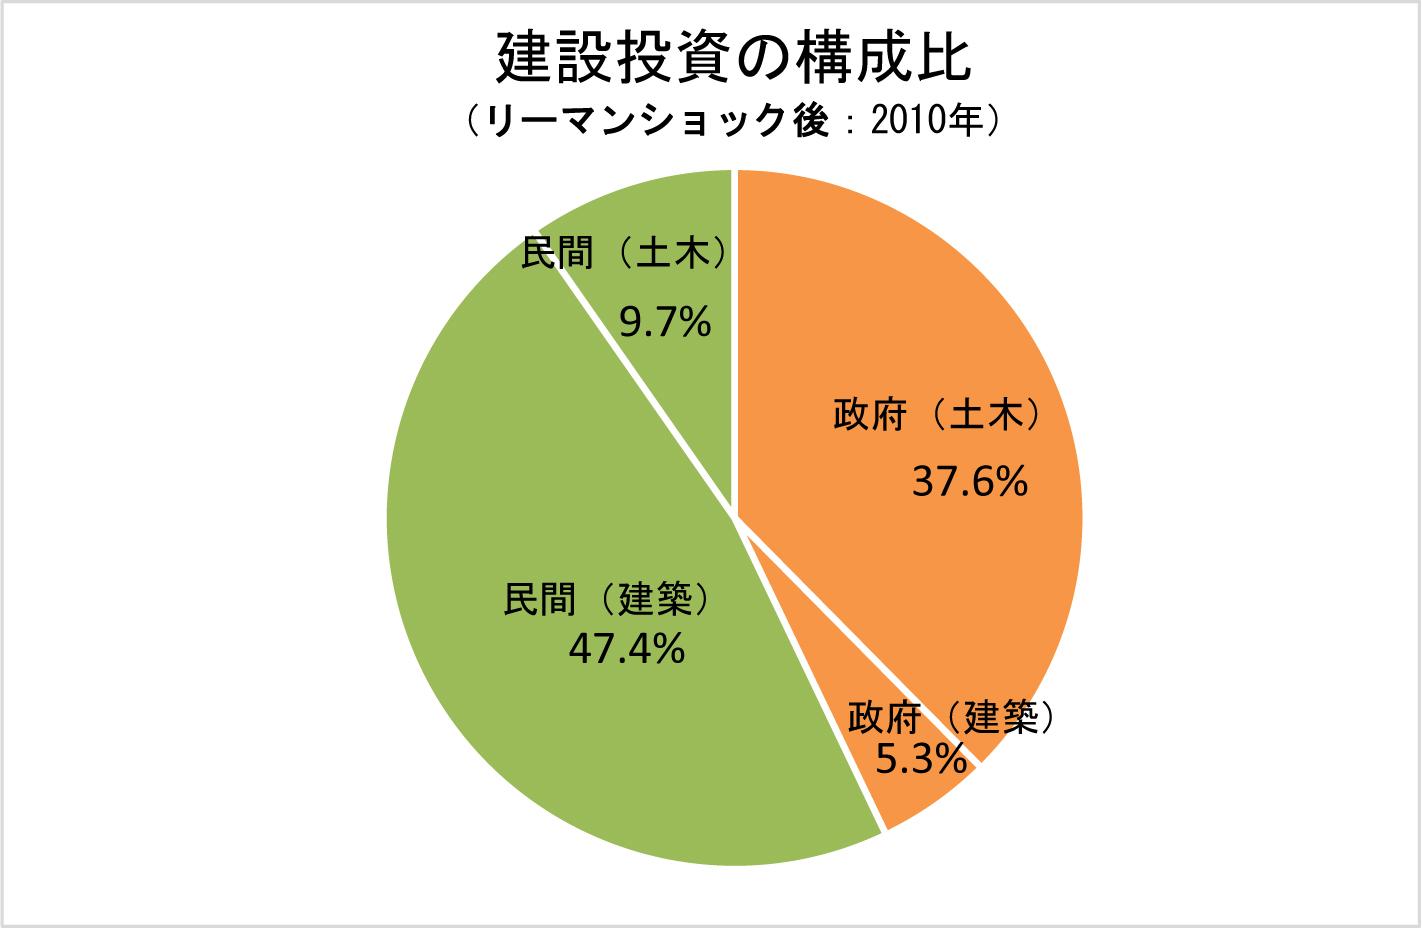 2-9 建設投資の構成比(リーマンショック後:2010年)